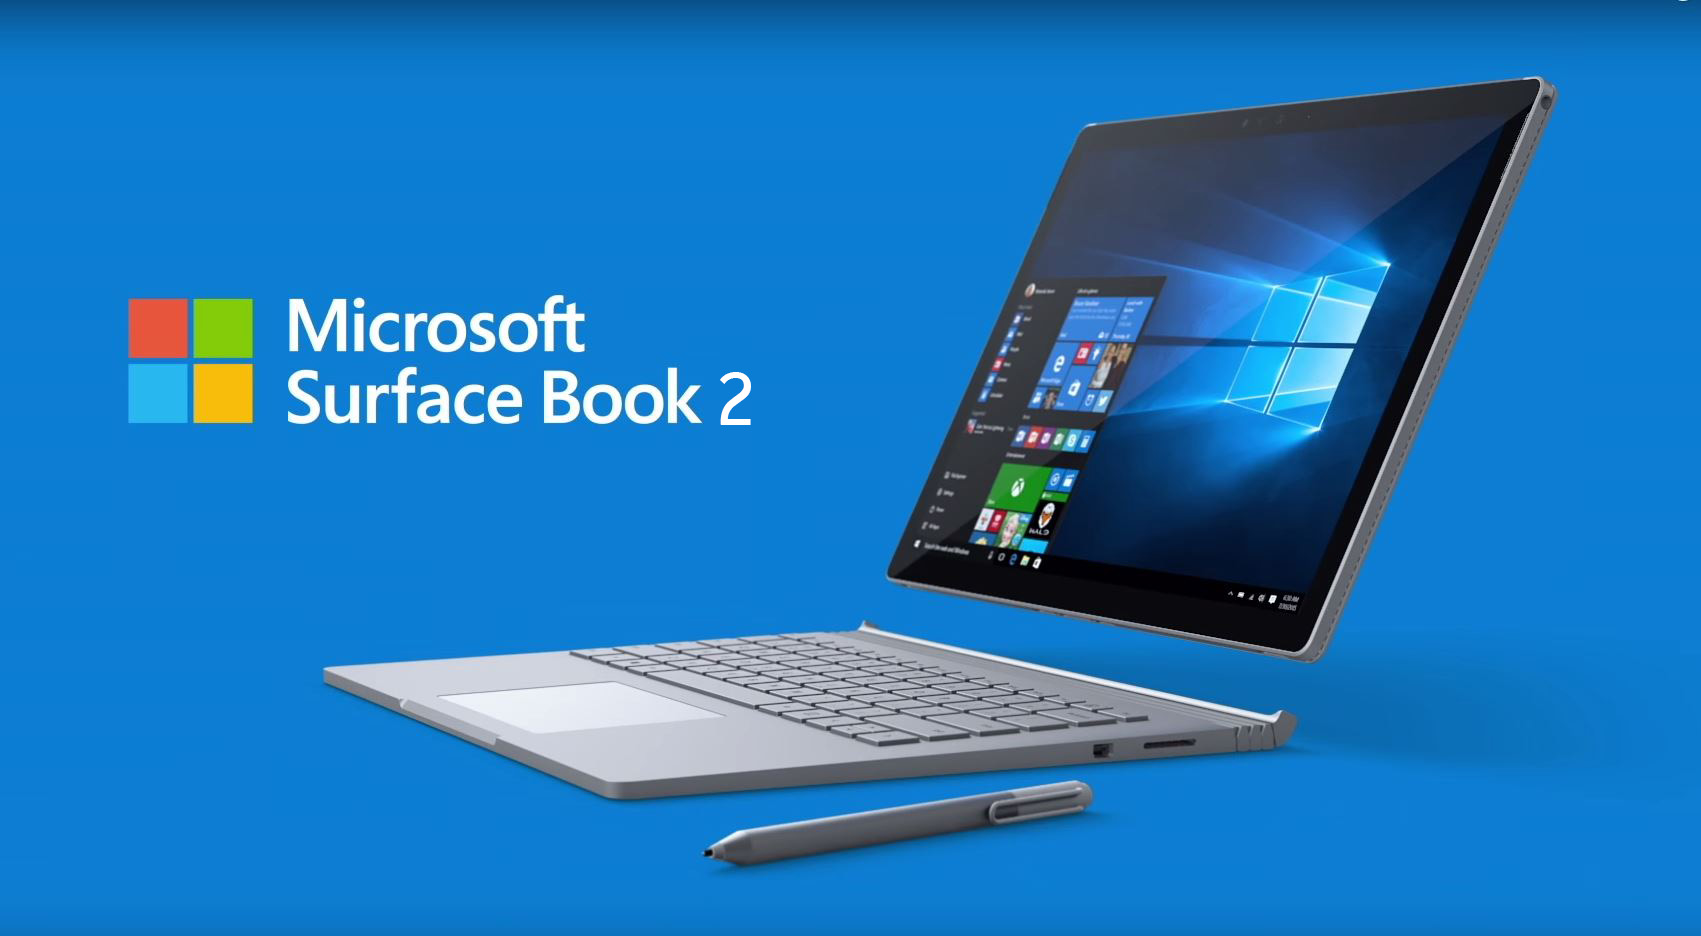 Le Surface Book 2 avec écran de 15 pouces arrive en France